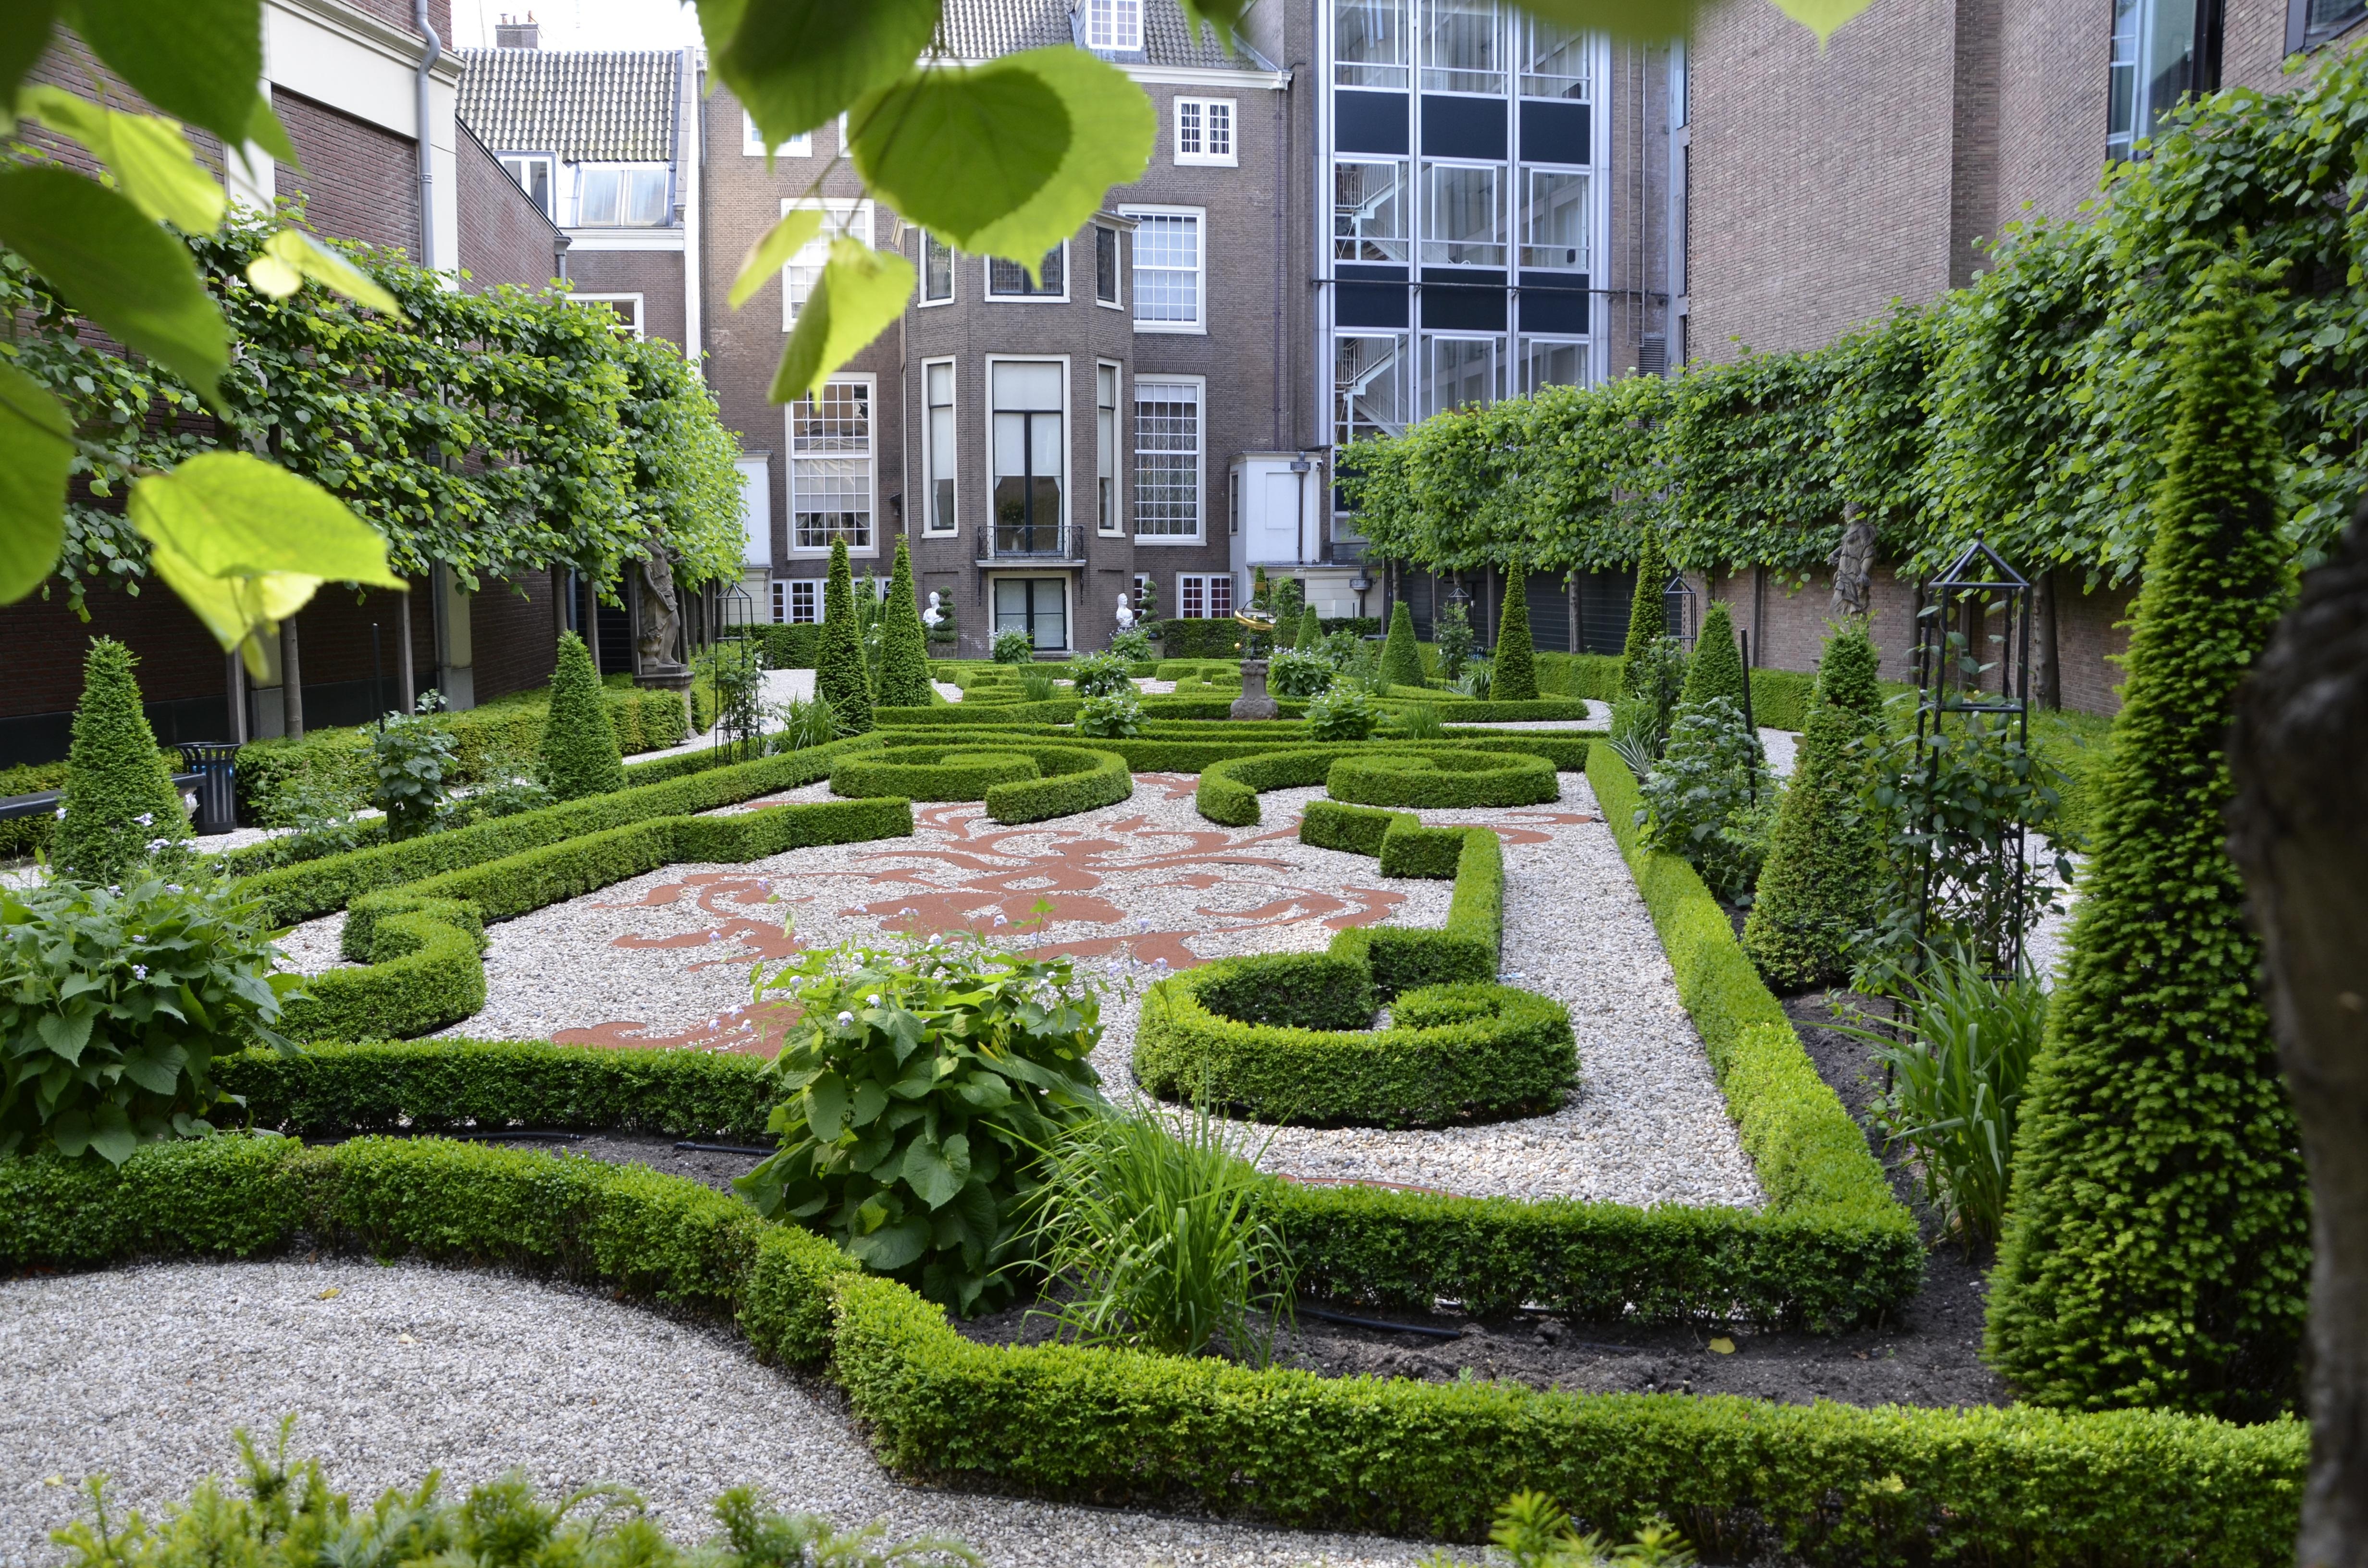 представляет собой озеленение города в картинках известным артистом